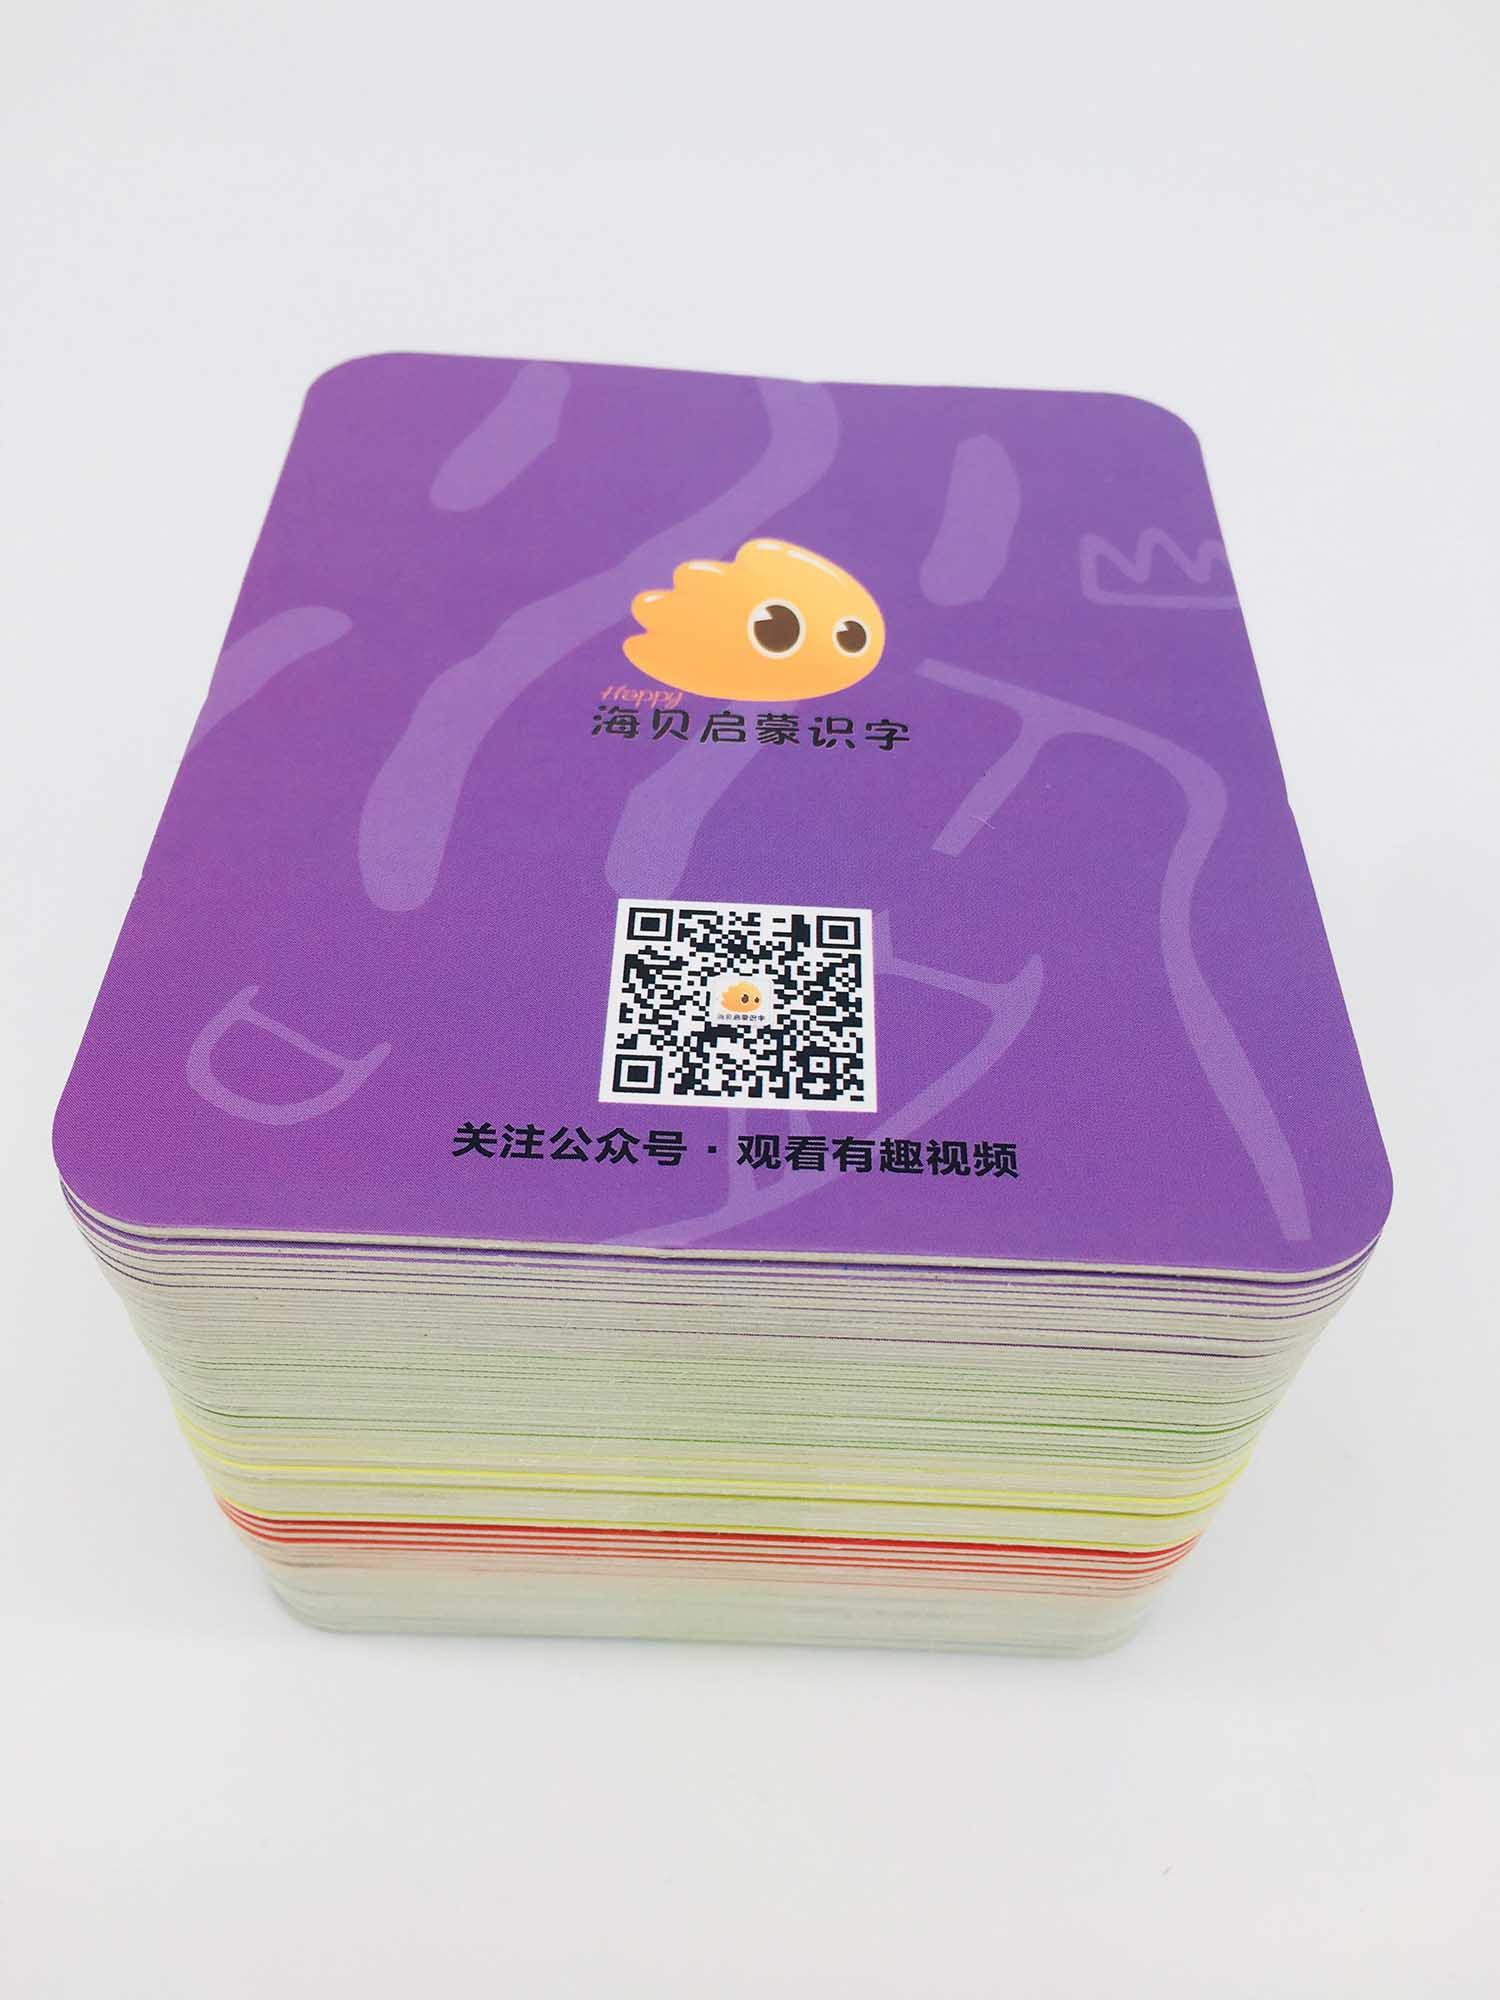 兰坪公司样本册印刷制作